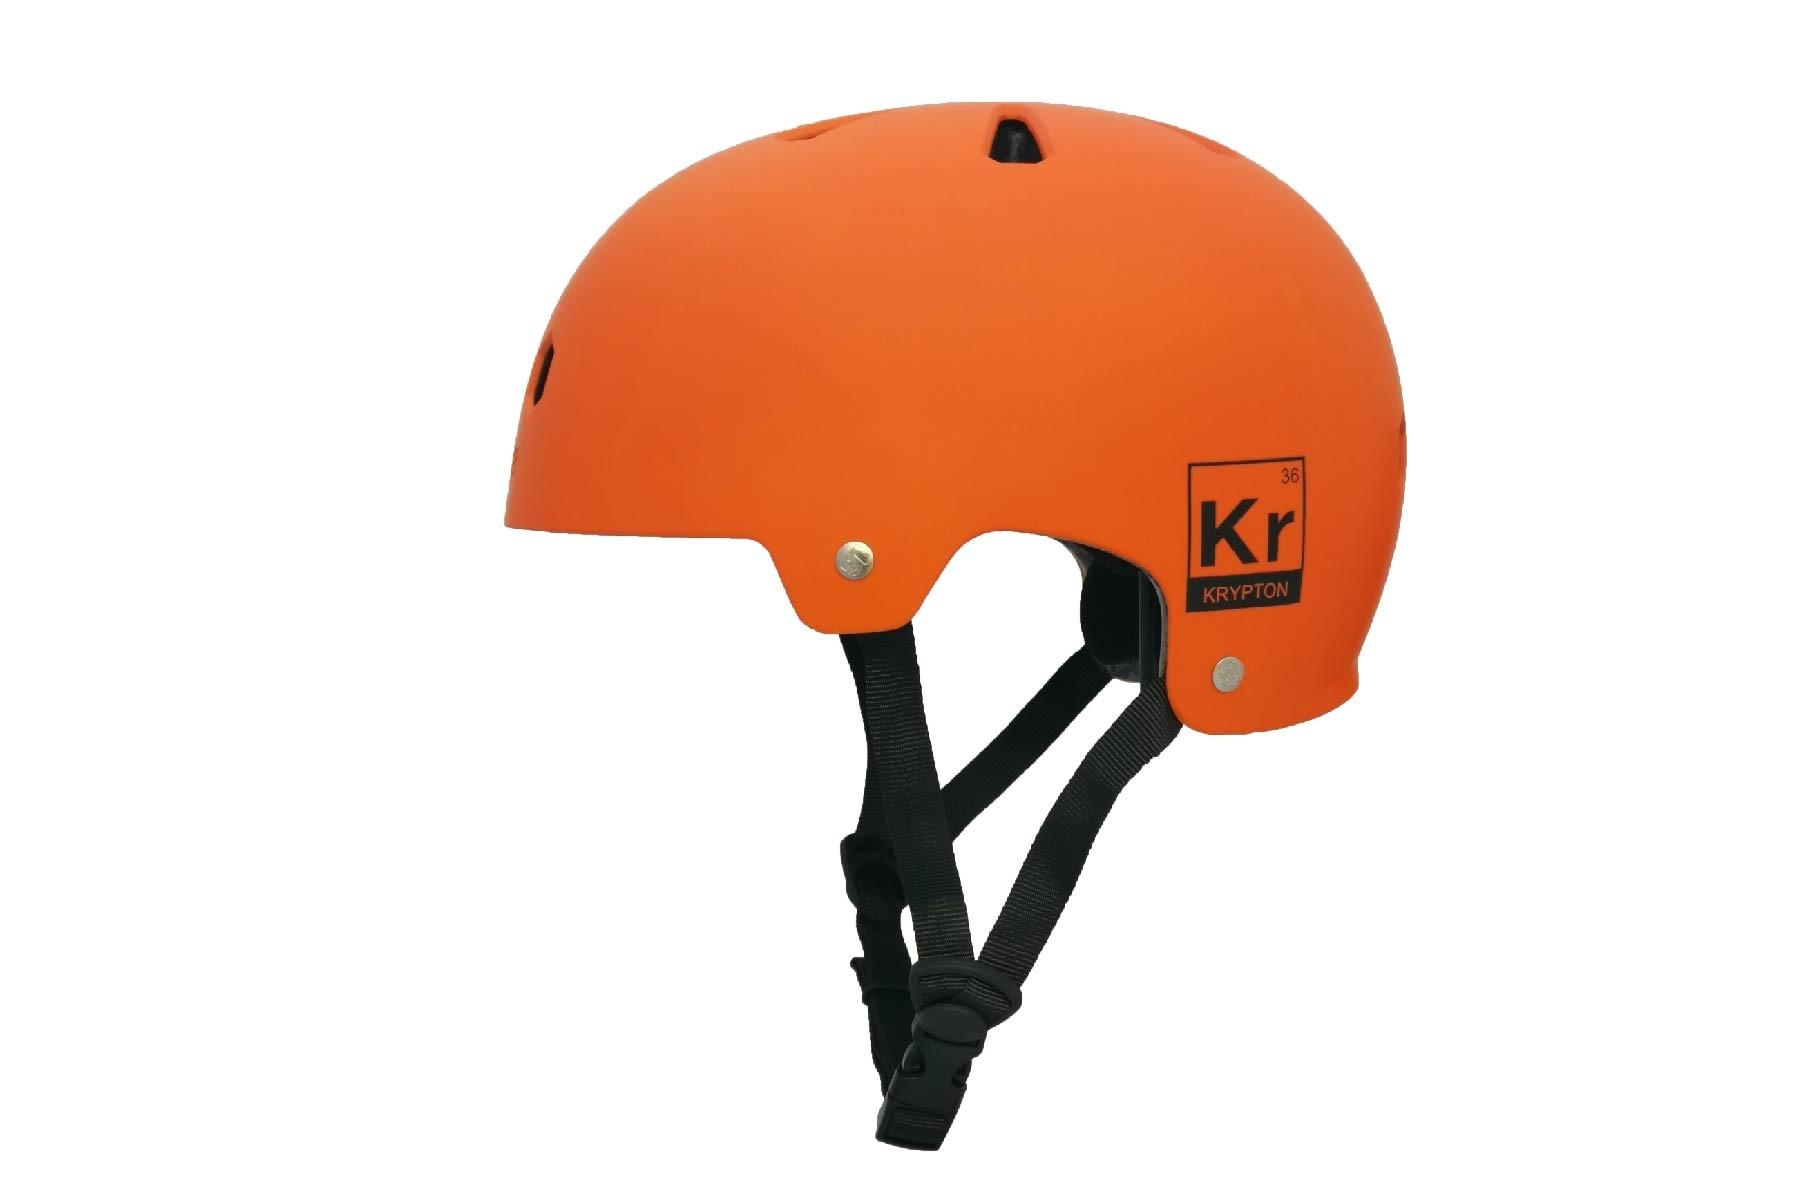 Casque Krypton Orange Black